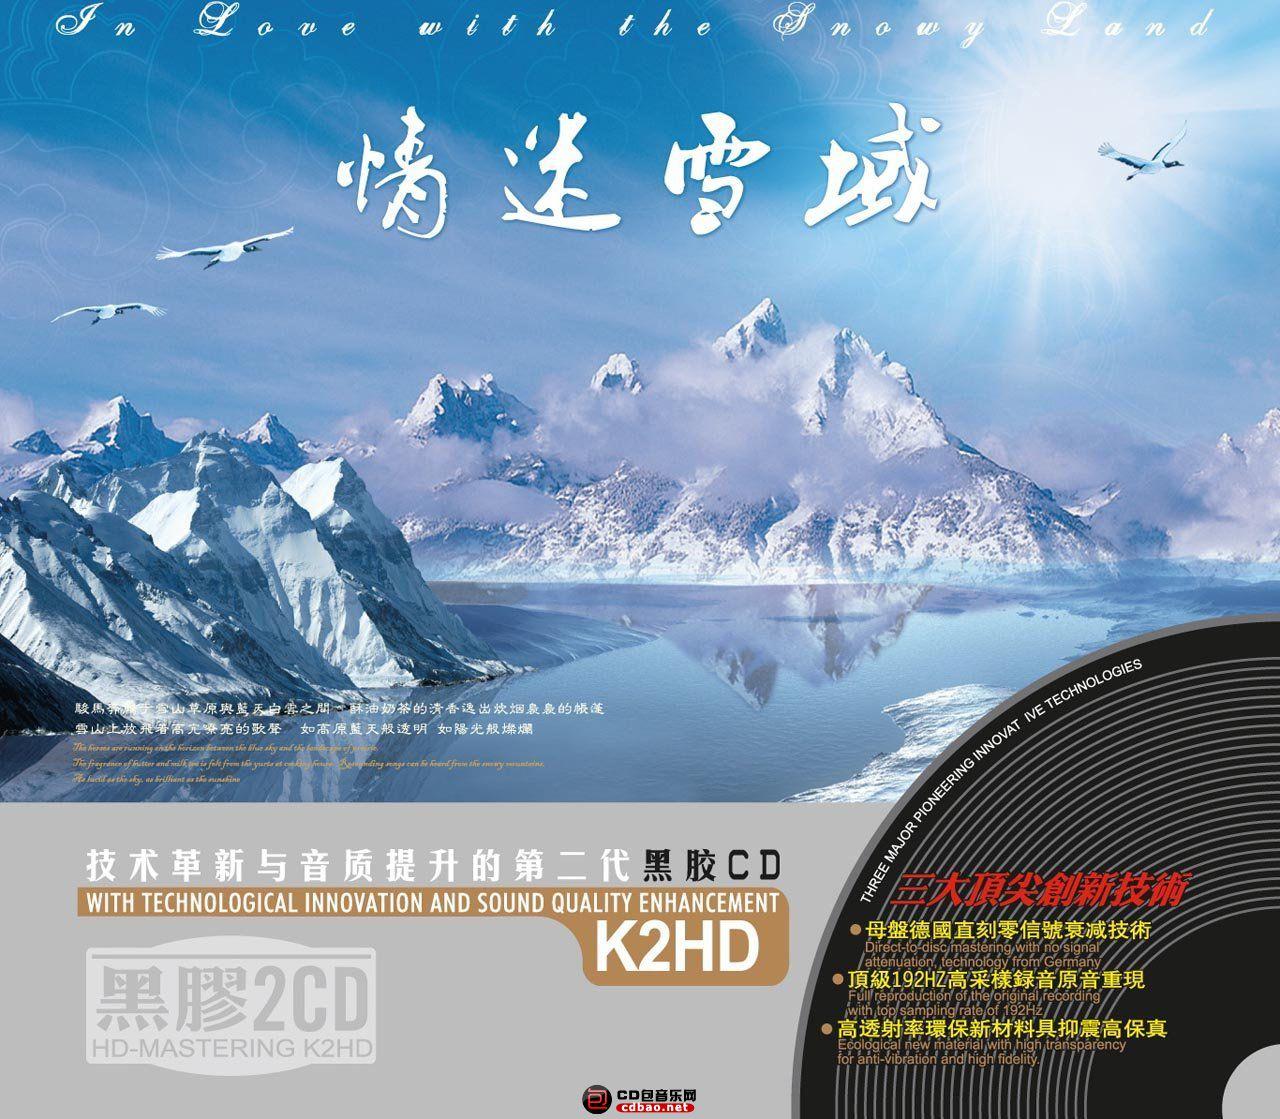 大大公子珍藏 群星《情迷雪域》黑胶2CD.jpg